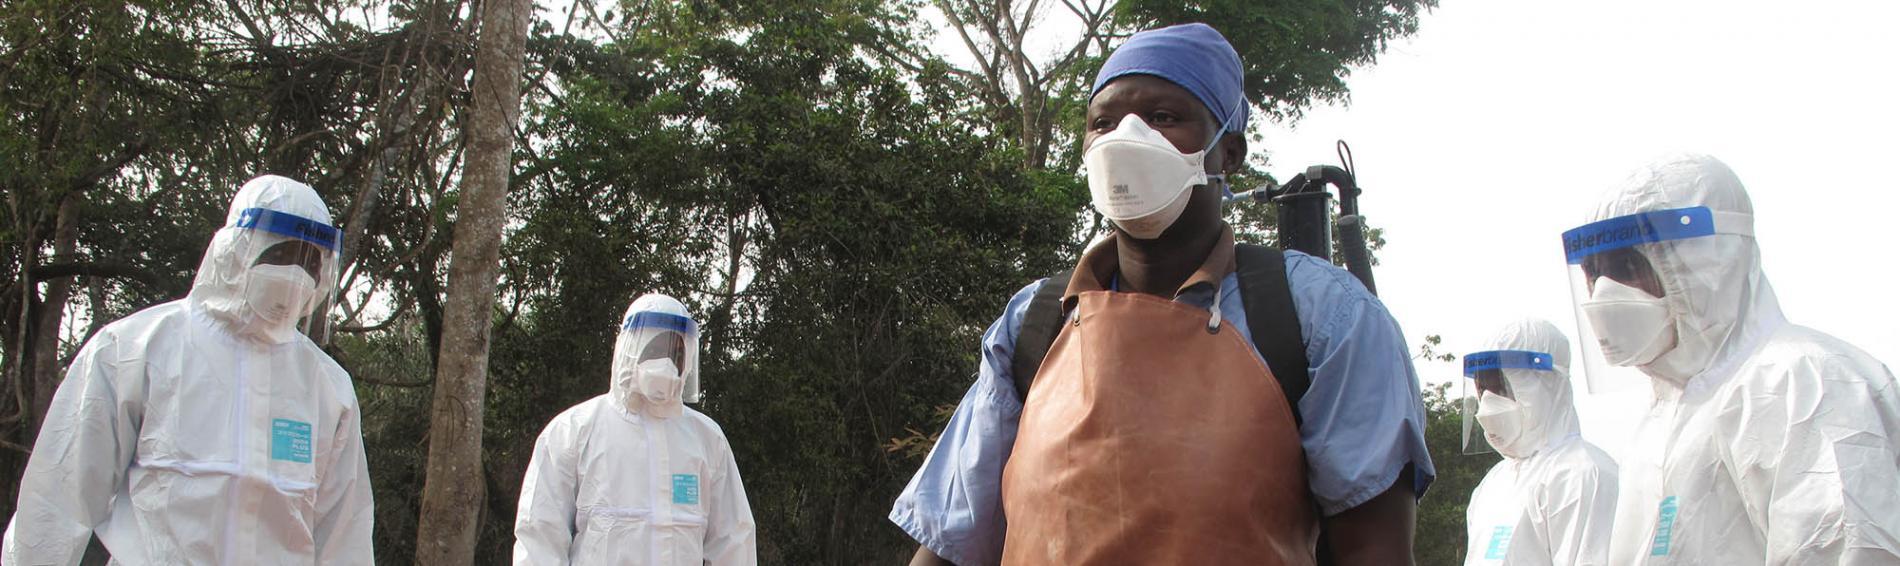 Desinfektion ist eine wichtige Maßnahme gegen die Ausbreitung der Ebola. Foto: Nick Harvey